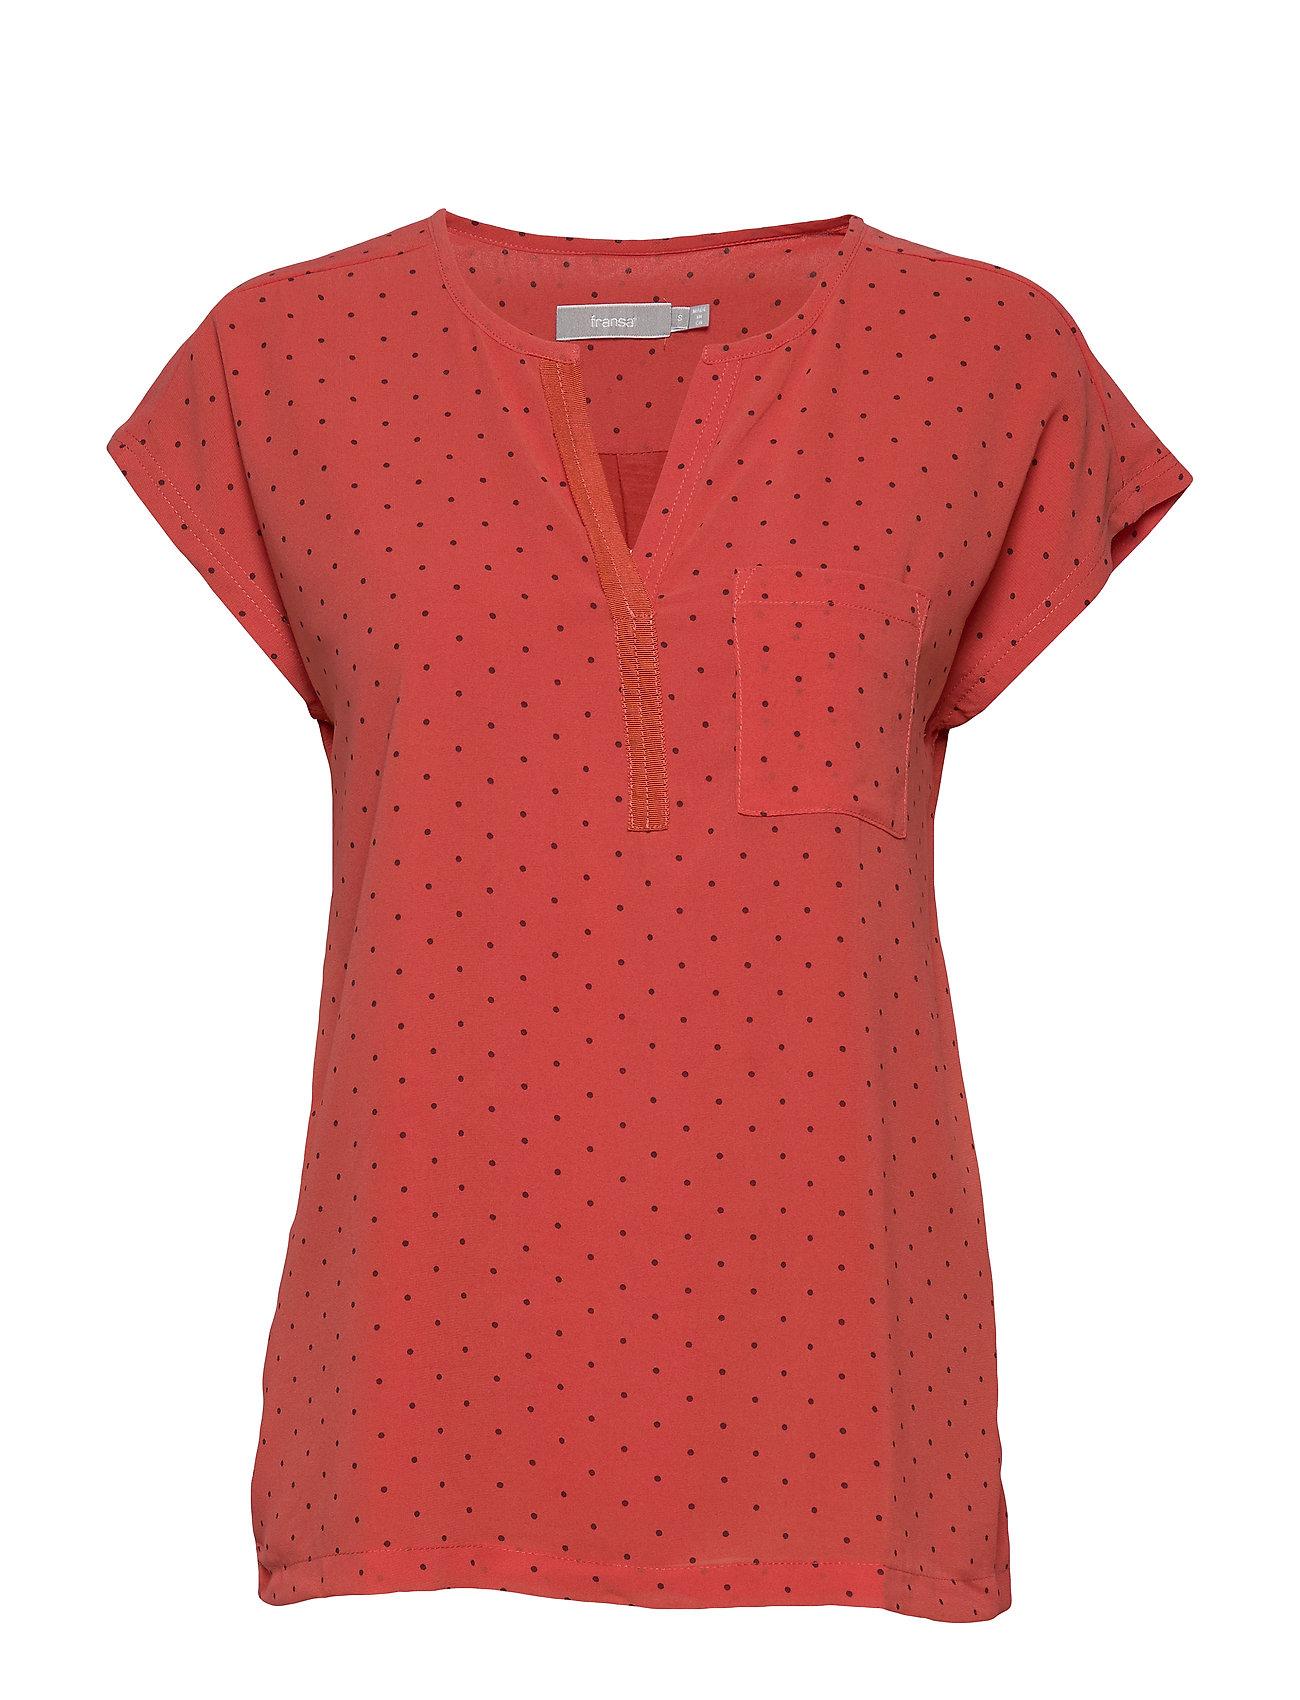 Image of Zawov 8 Top Blouses Short-sleeved Rød Fransa (3339884389)